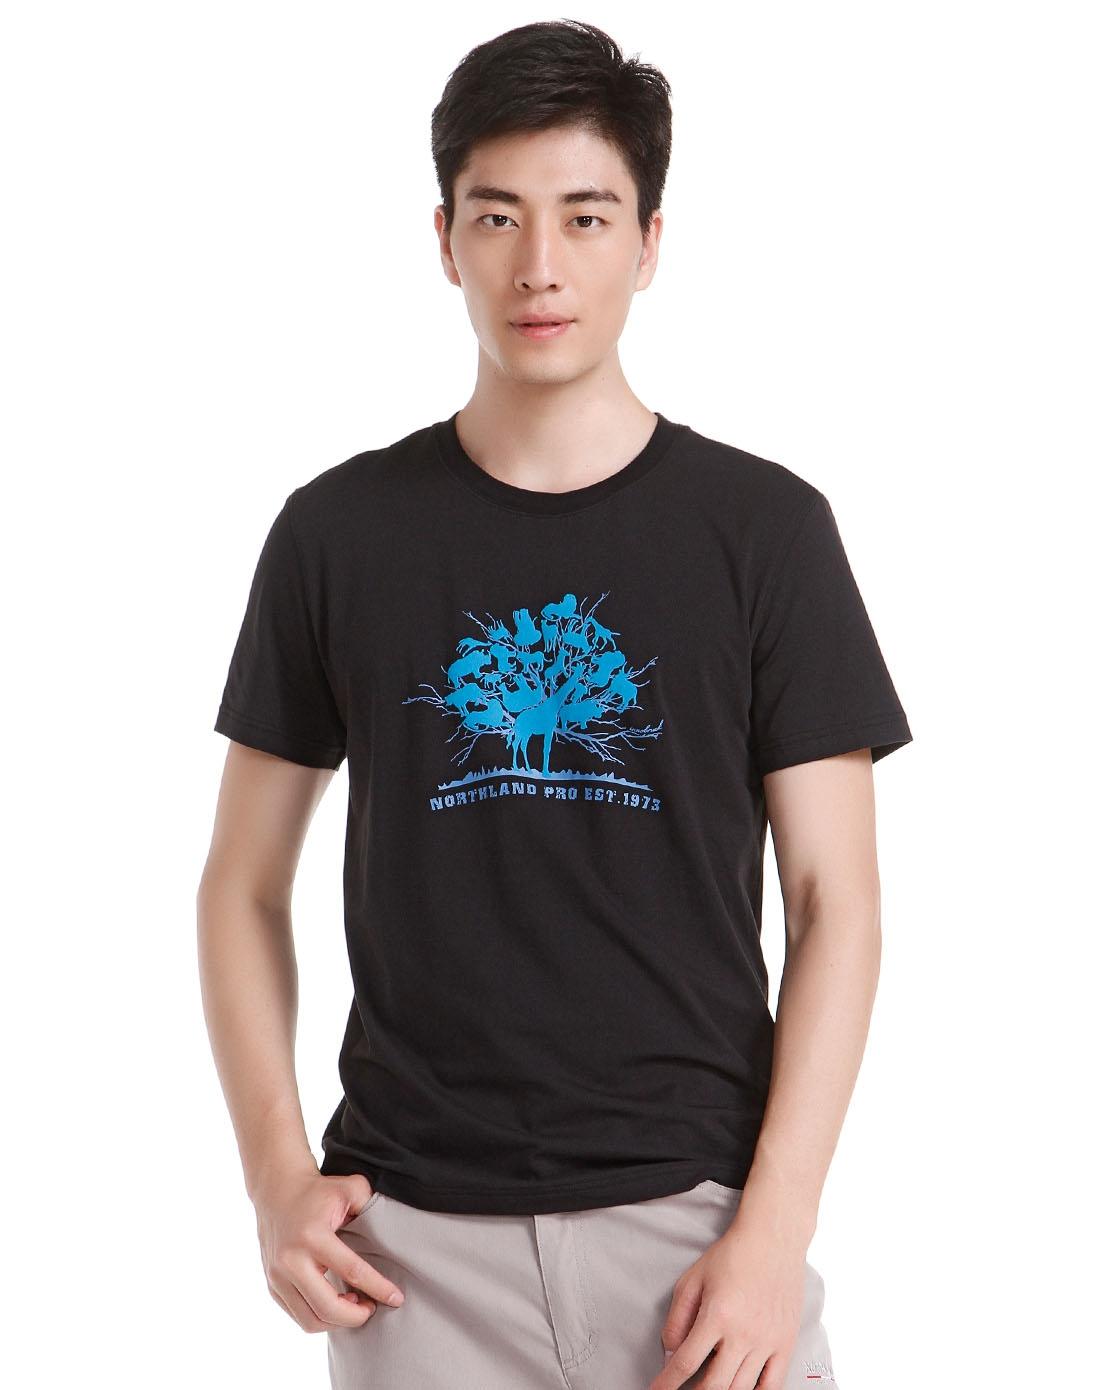 男款动物剪影植绒印图黑色短袖t恤